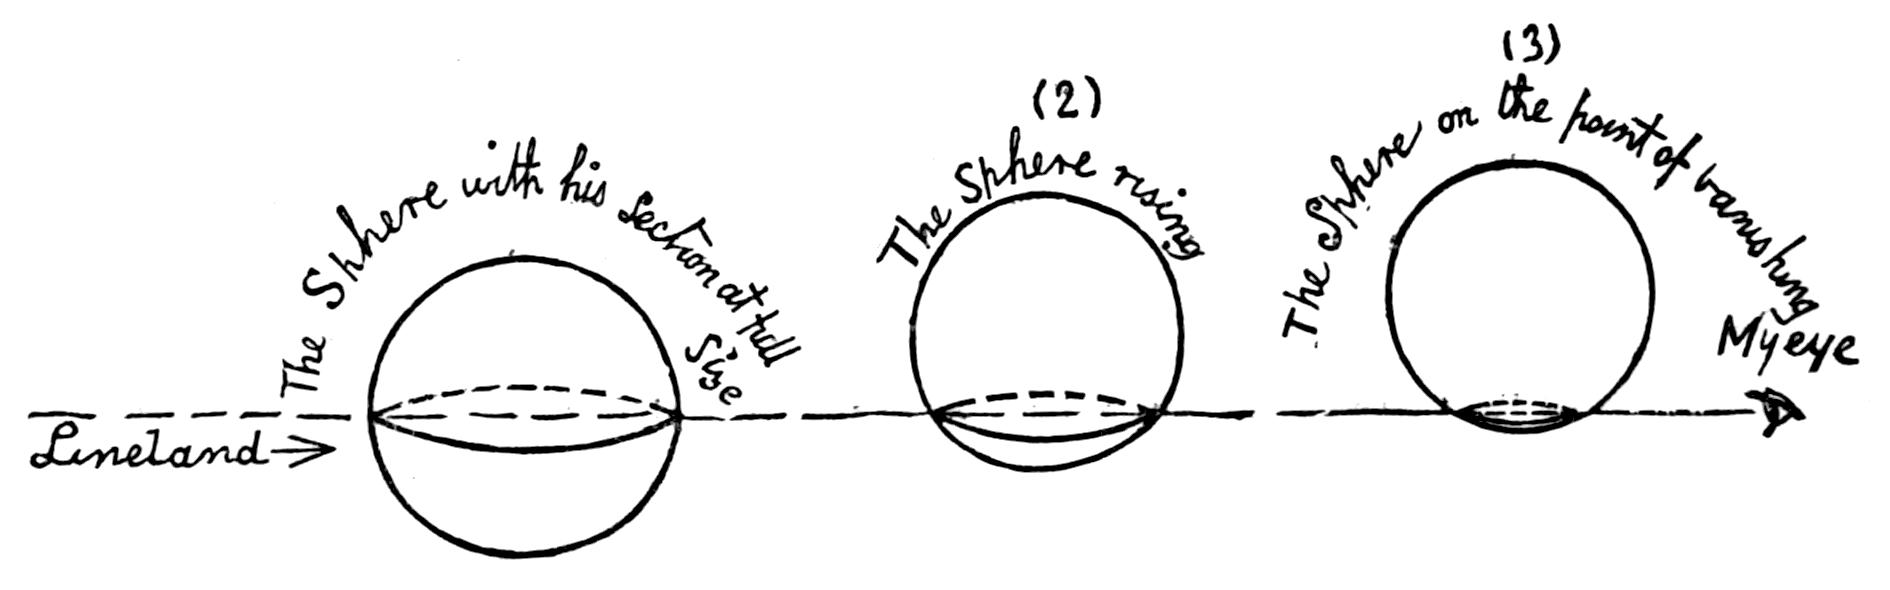 הכדור נגלה ונעלם בהדרגתיות  אל הריבוע בעולם השטוח, המוצג כקו חסר גובה (עמוד 90 בגרסה העברית)